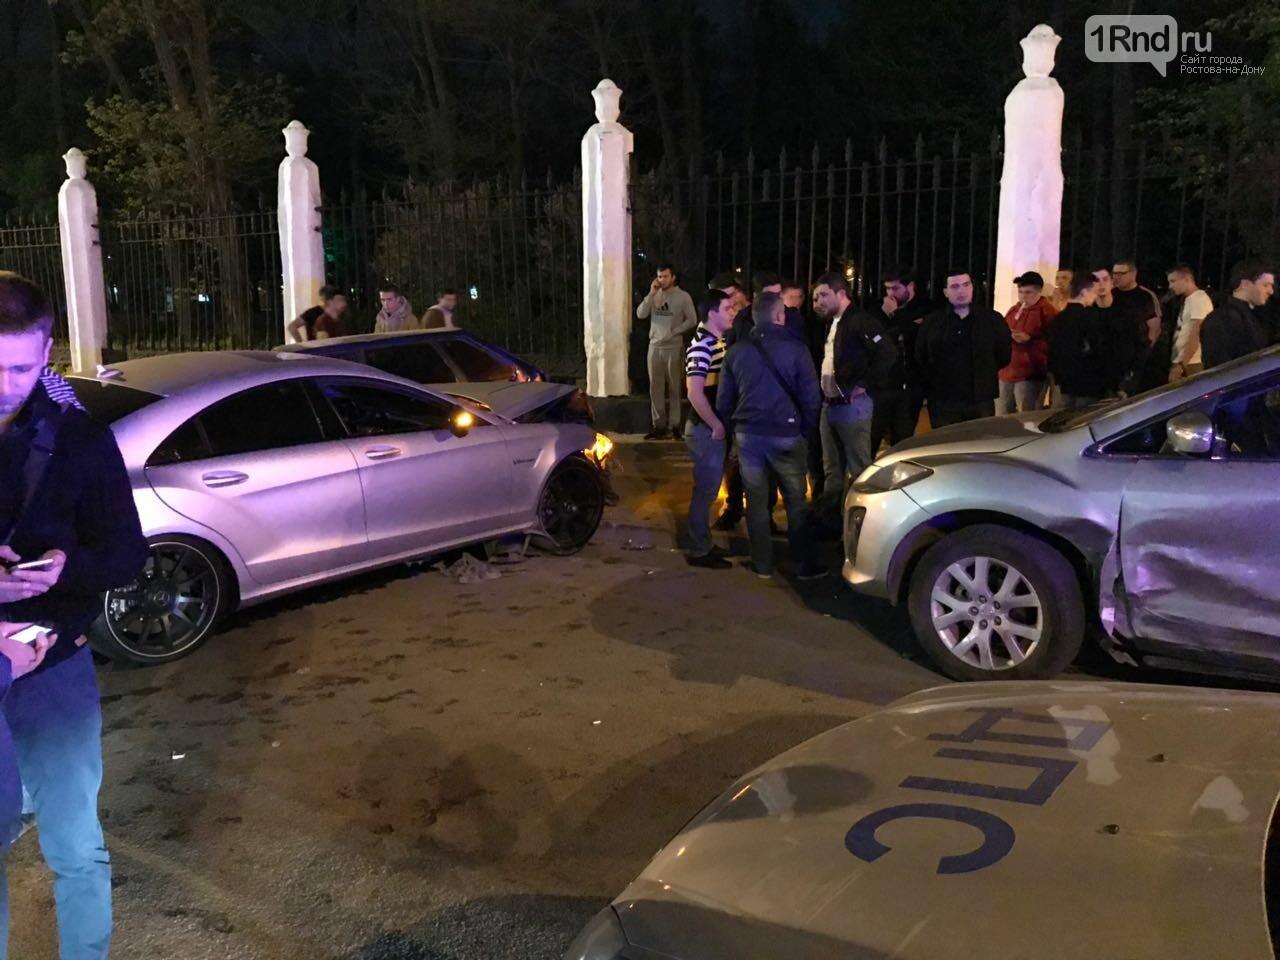 Новые подробности: виновником массовой аварии на Театральной площади стал иностранец, фото-4, Фото: предоставлено очевидцем